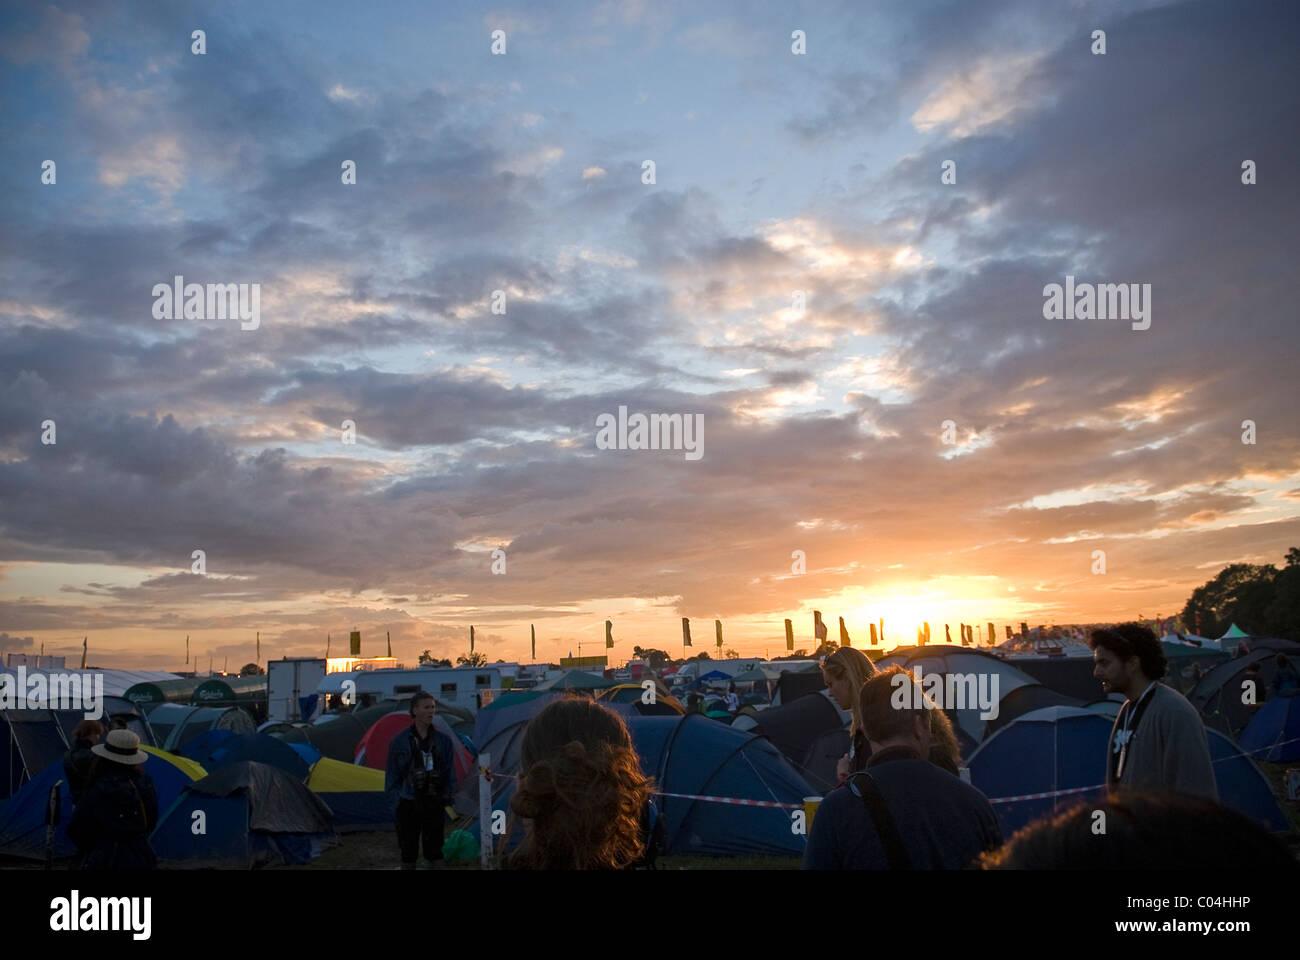 Beautiful sunset over the massed tents of Glastonbury Festival, Somerset, UK - Stock Image